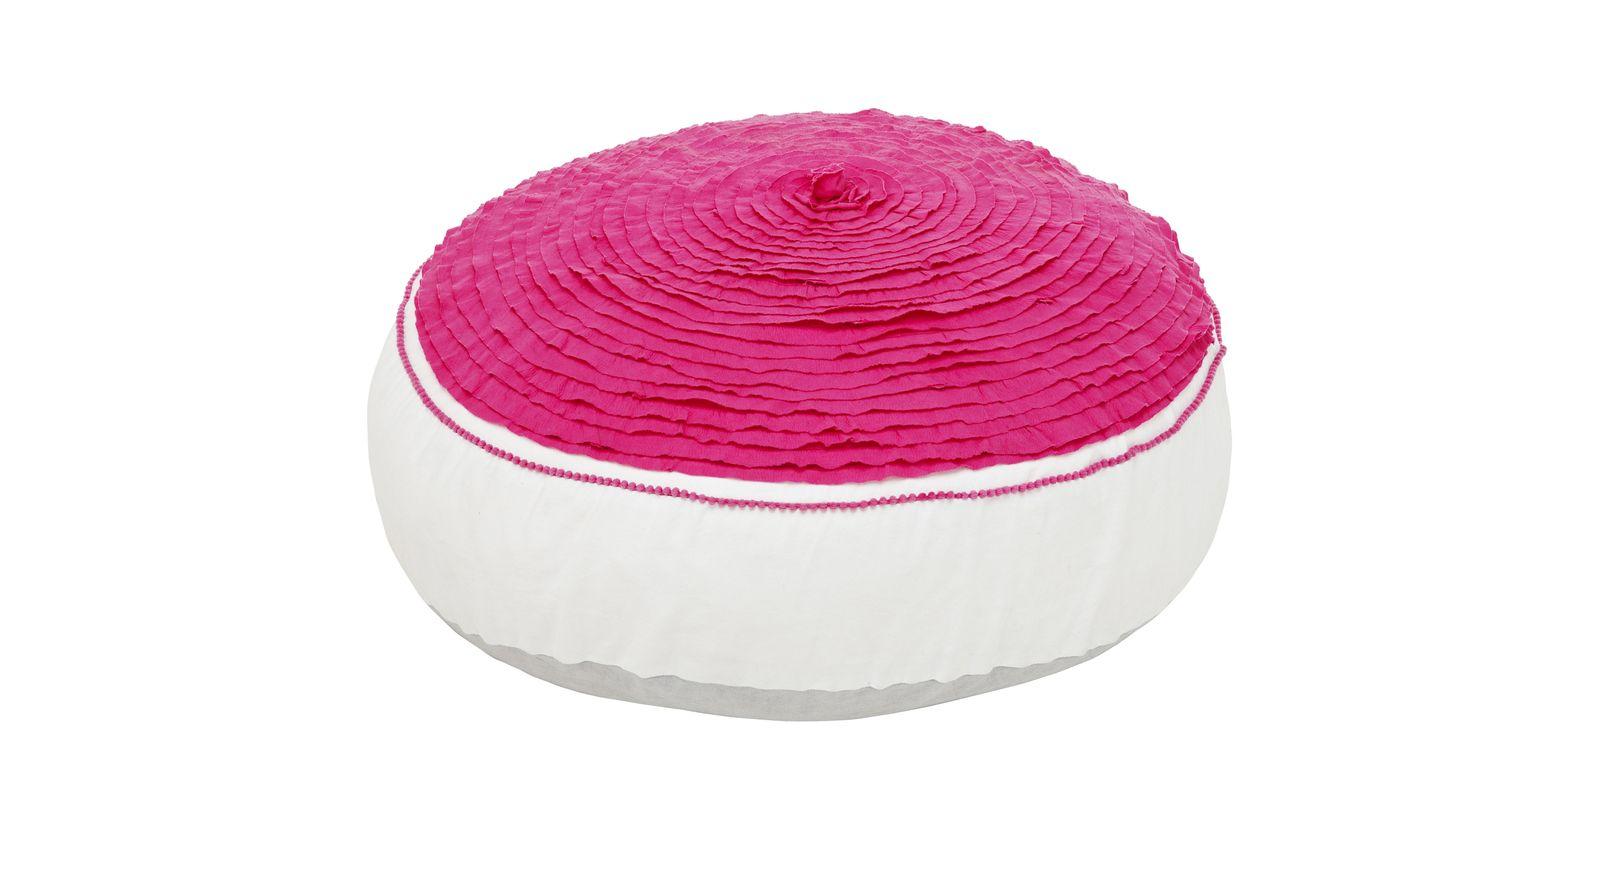 Rundes LIFETIME Sitzkissen und Sitzsäcke Pink Dream